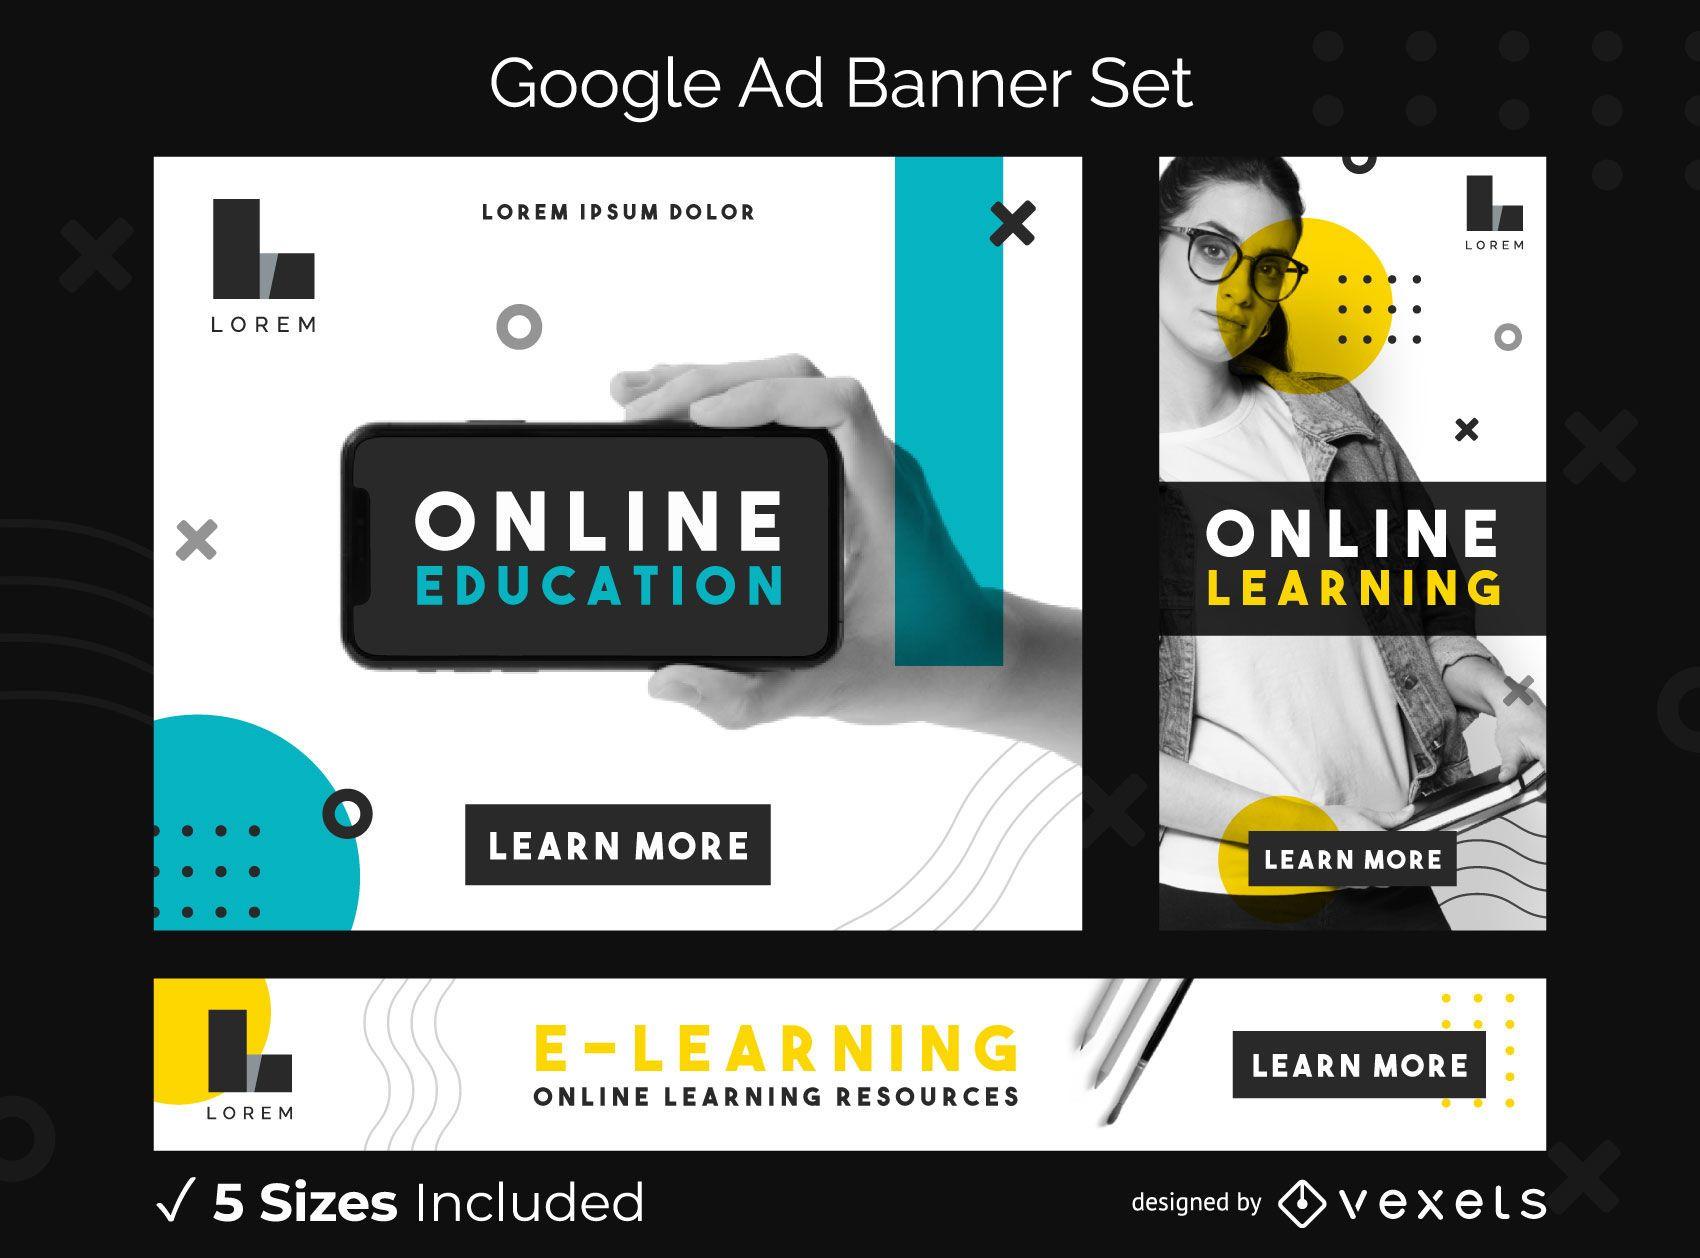 Conjunto de banners de anuncios de Google de educaci?n en l?nea